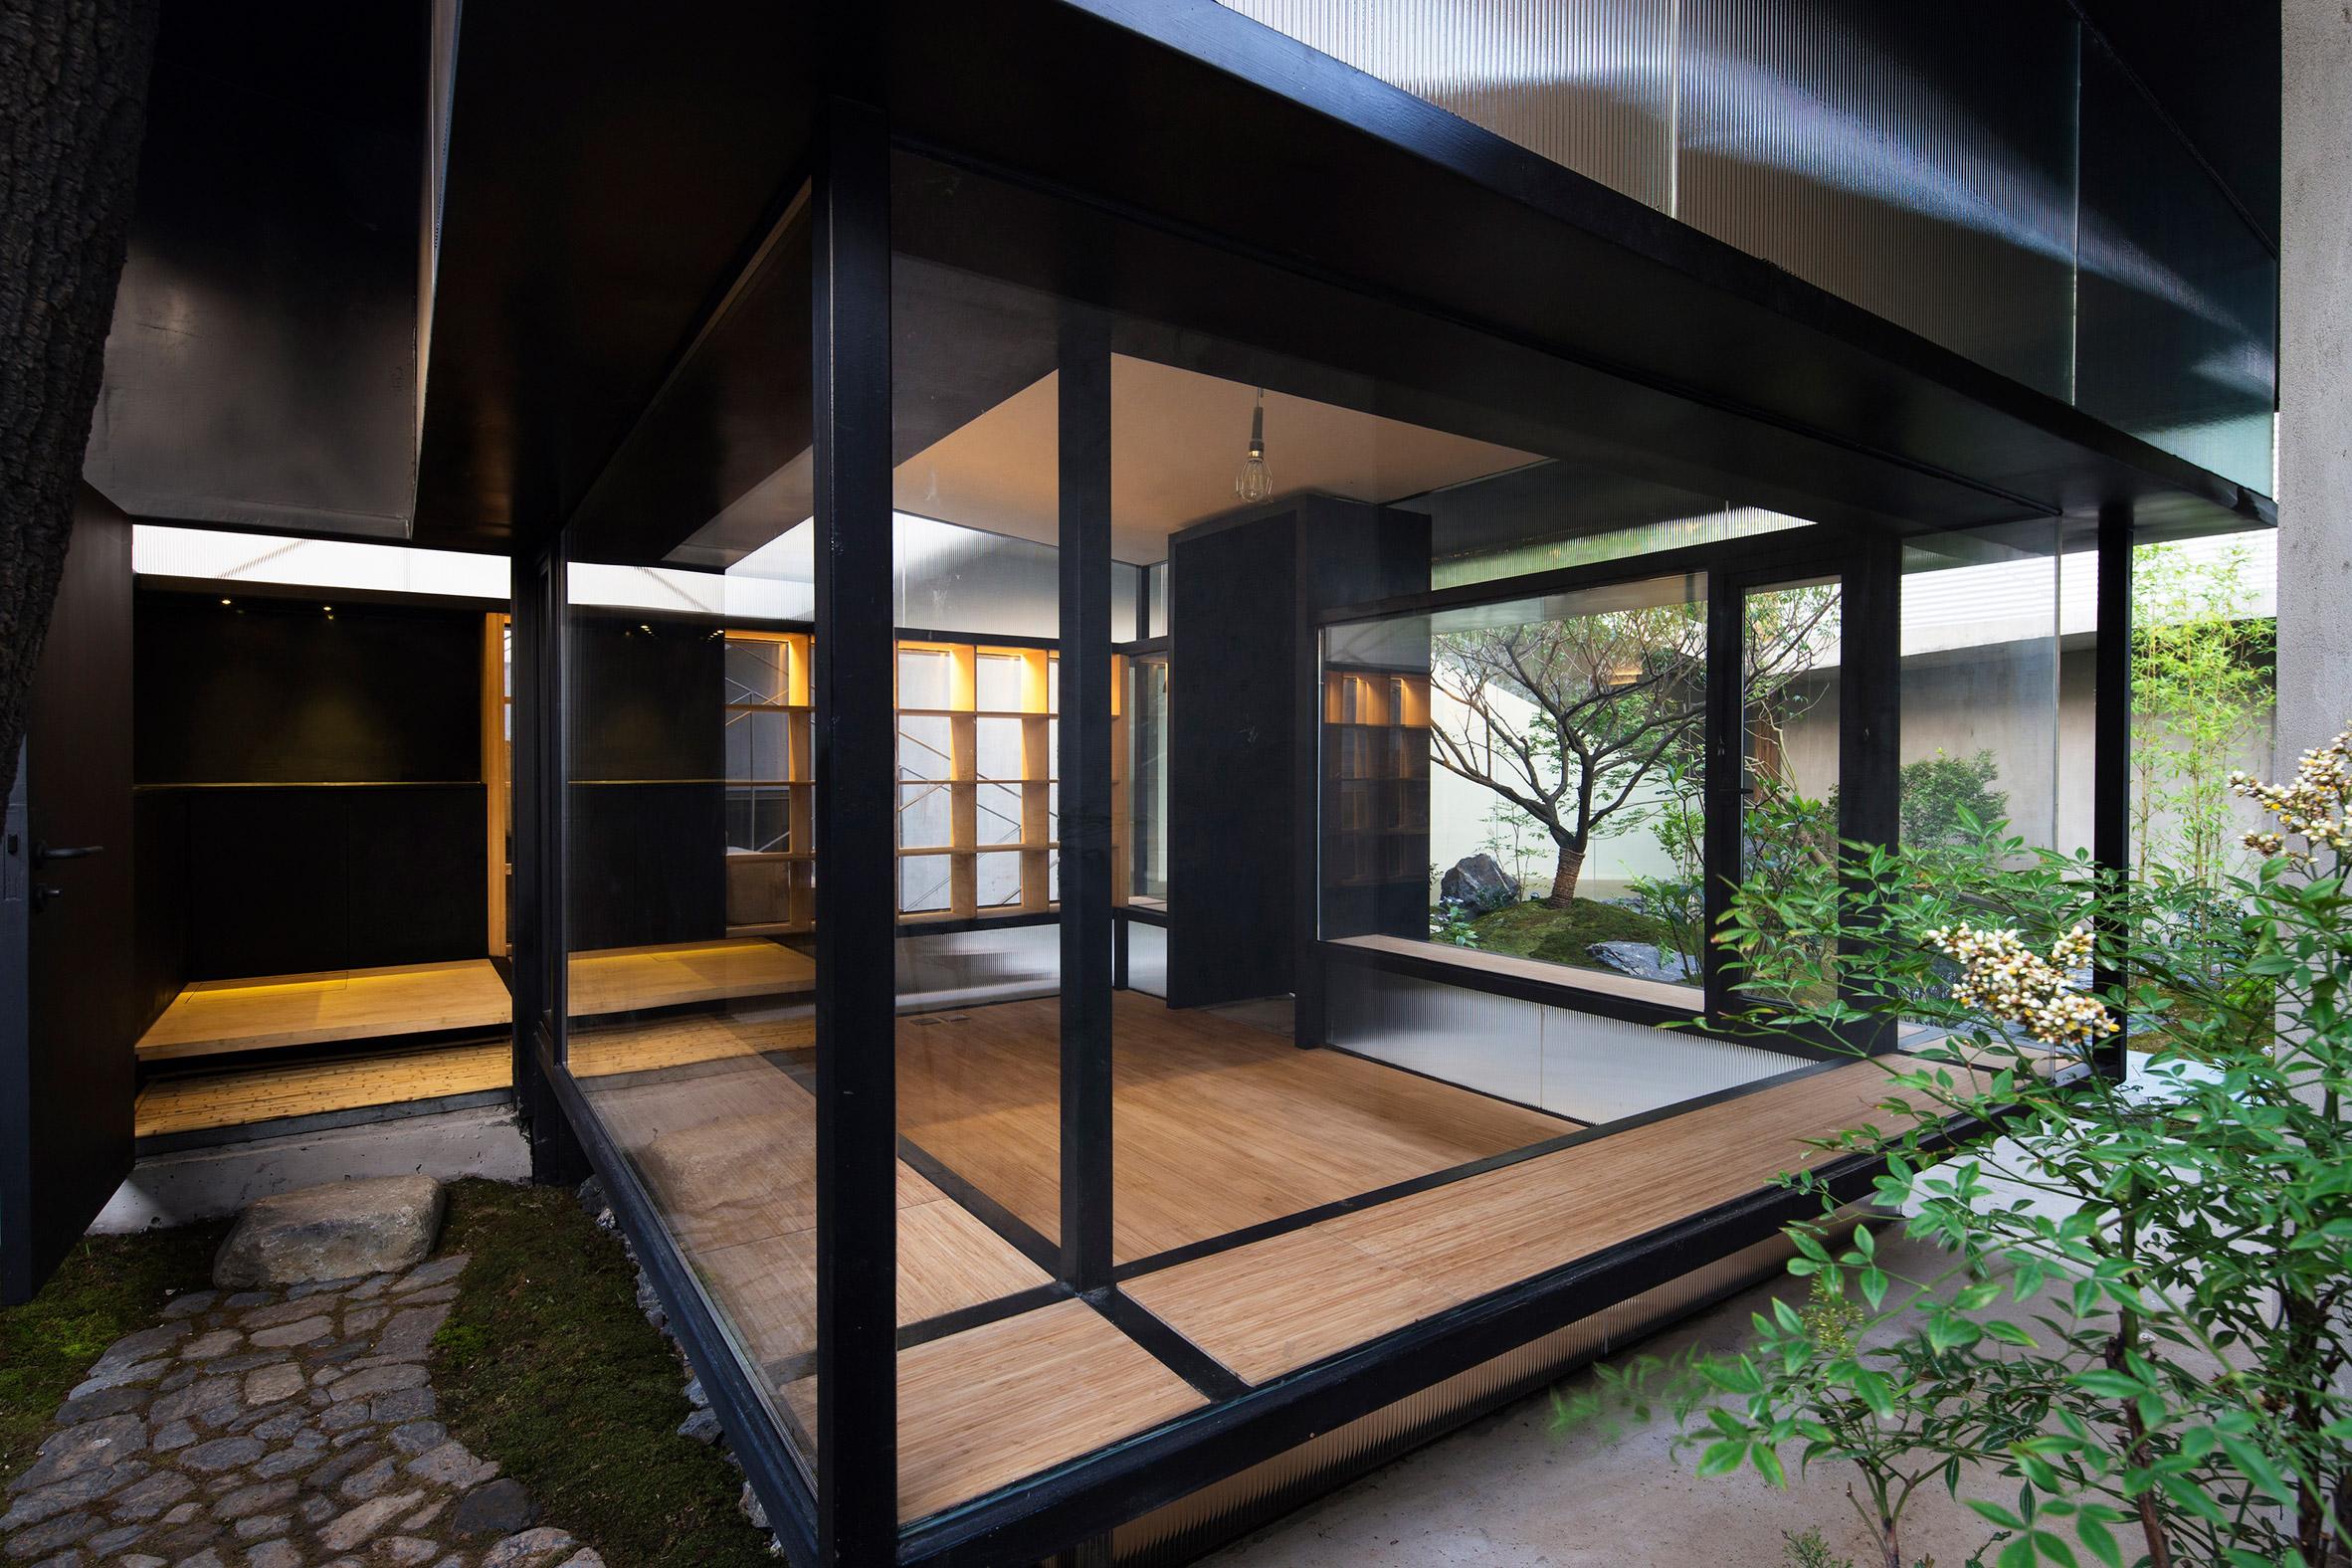 Thiết kế nội thất biệt thựnghỉ dưỡng 4